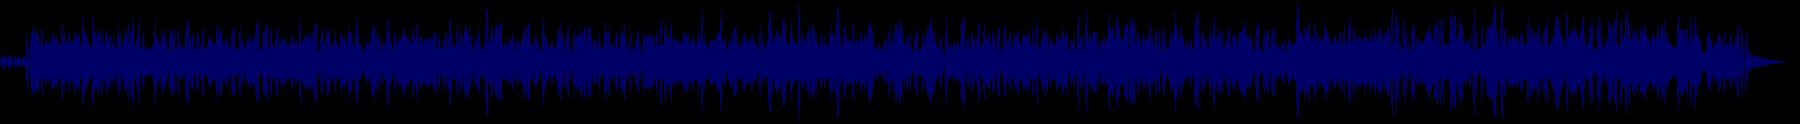 waveform of track #72766